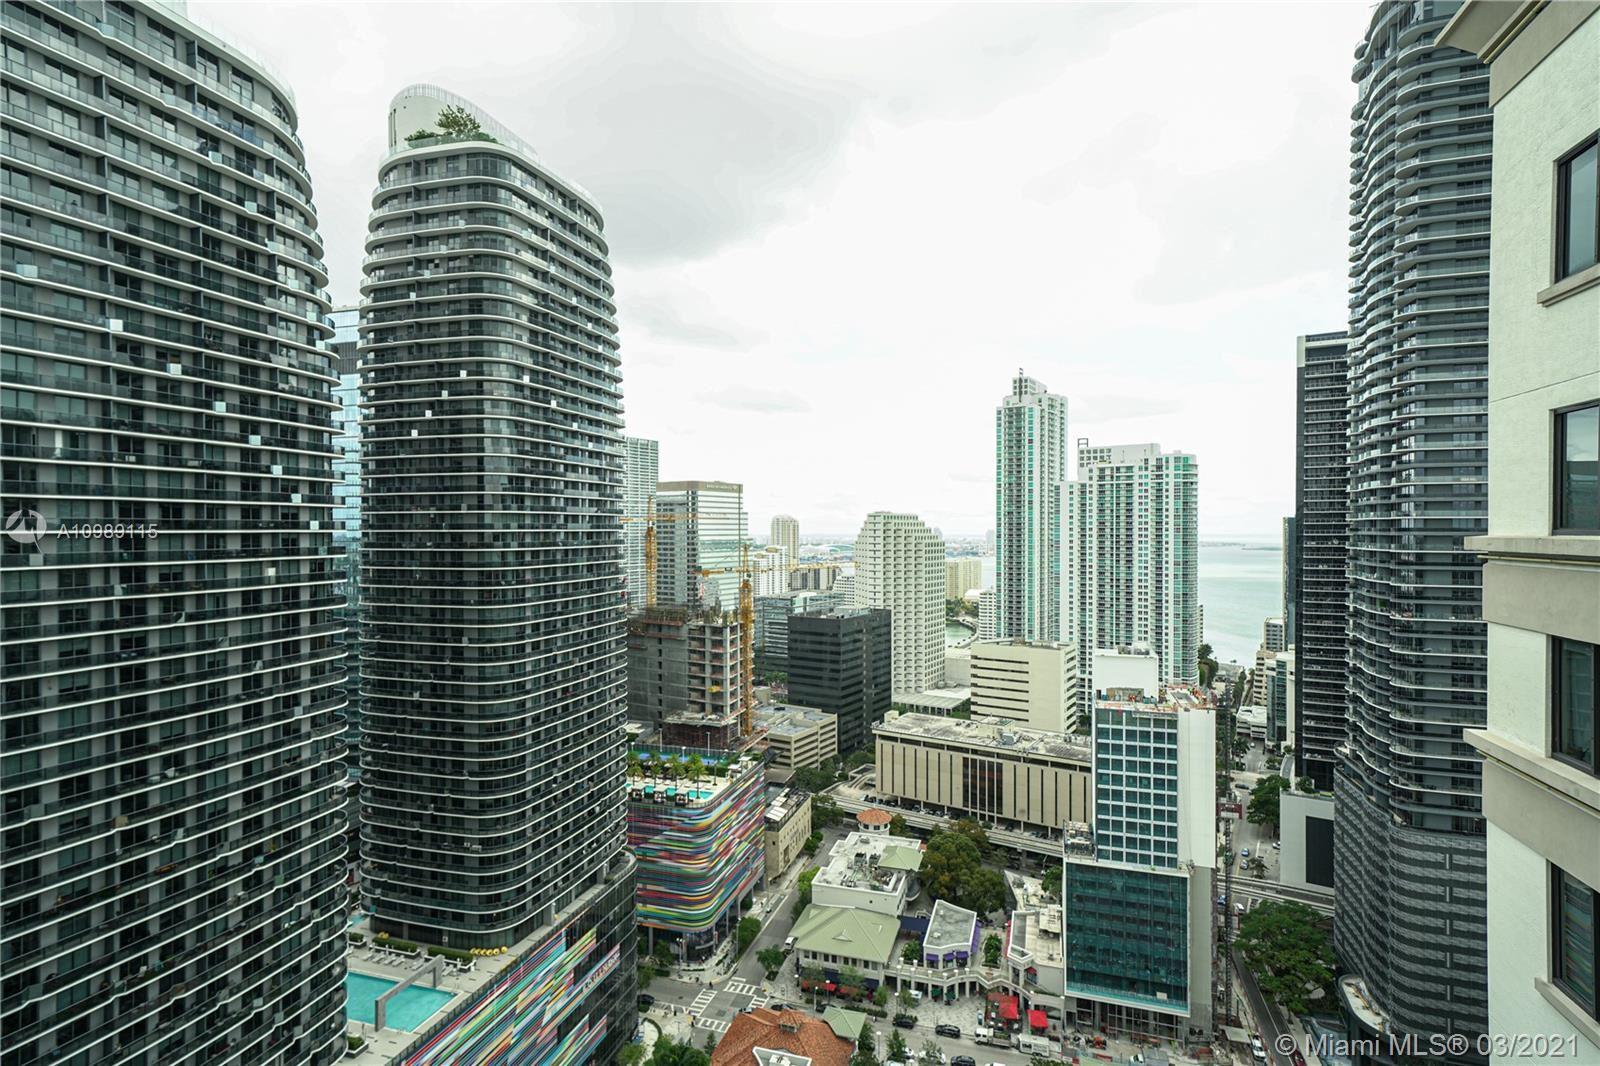 999 SW 1st Ave #PH05, Miami, FL 33130 - #: A10989115